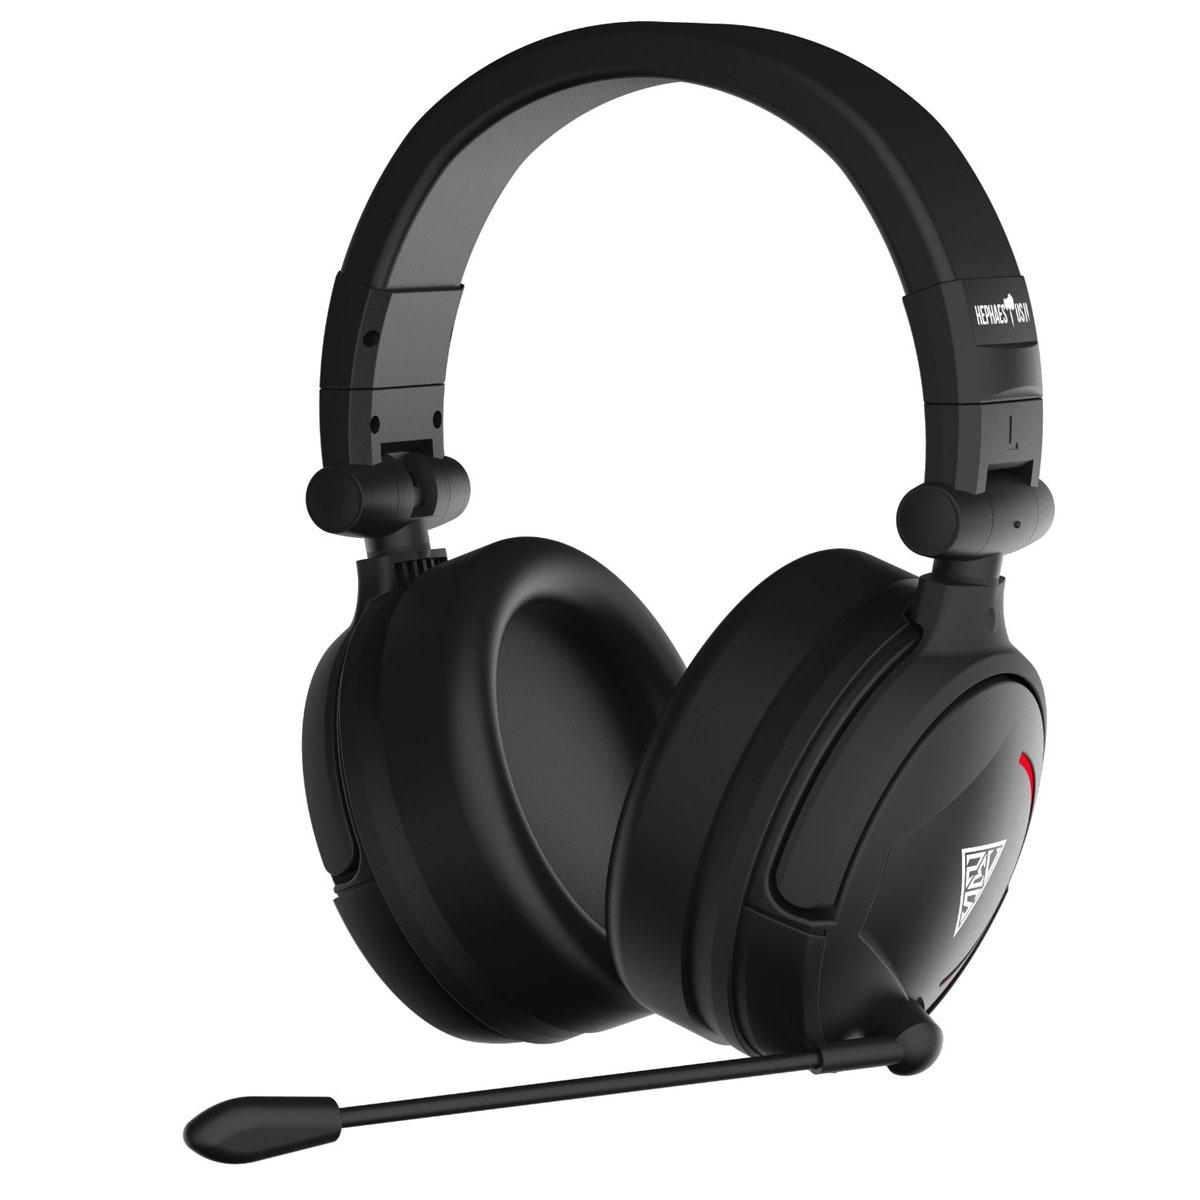 Gamdias Hephaestus V2 7.1 игровые наушникиGHS3510USB-гарнитура Gamdias Hephaestus V2 с объемным звучанием 7.1, вибрацией и красной дышащей подсветкой.Виртуальный объемный звук и драйверы с неодимовыми магнитами обеспечивают непревзойденное качество звука с четким звуковым позиционированием.Микрофон может быть зафиксирован в любой удобной позиции. Оснащен технологией шумоподавления, препятствующей попаданию посторонних звуков в голосовой канал.Удобное управление громкостью и возможность включения/отключения микрофона во время игры.50-миллиметровые динамики обеспечивают непревзойденное качество звука с идеальным балансом высоких и низких частот. Низкие частоты преобразуются в пульсацию, равномерно распределяемую по амбушюрам, чтобы дать возможность почувствовать звук.